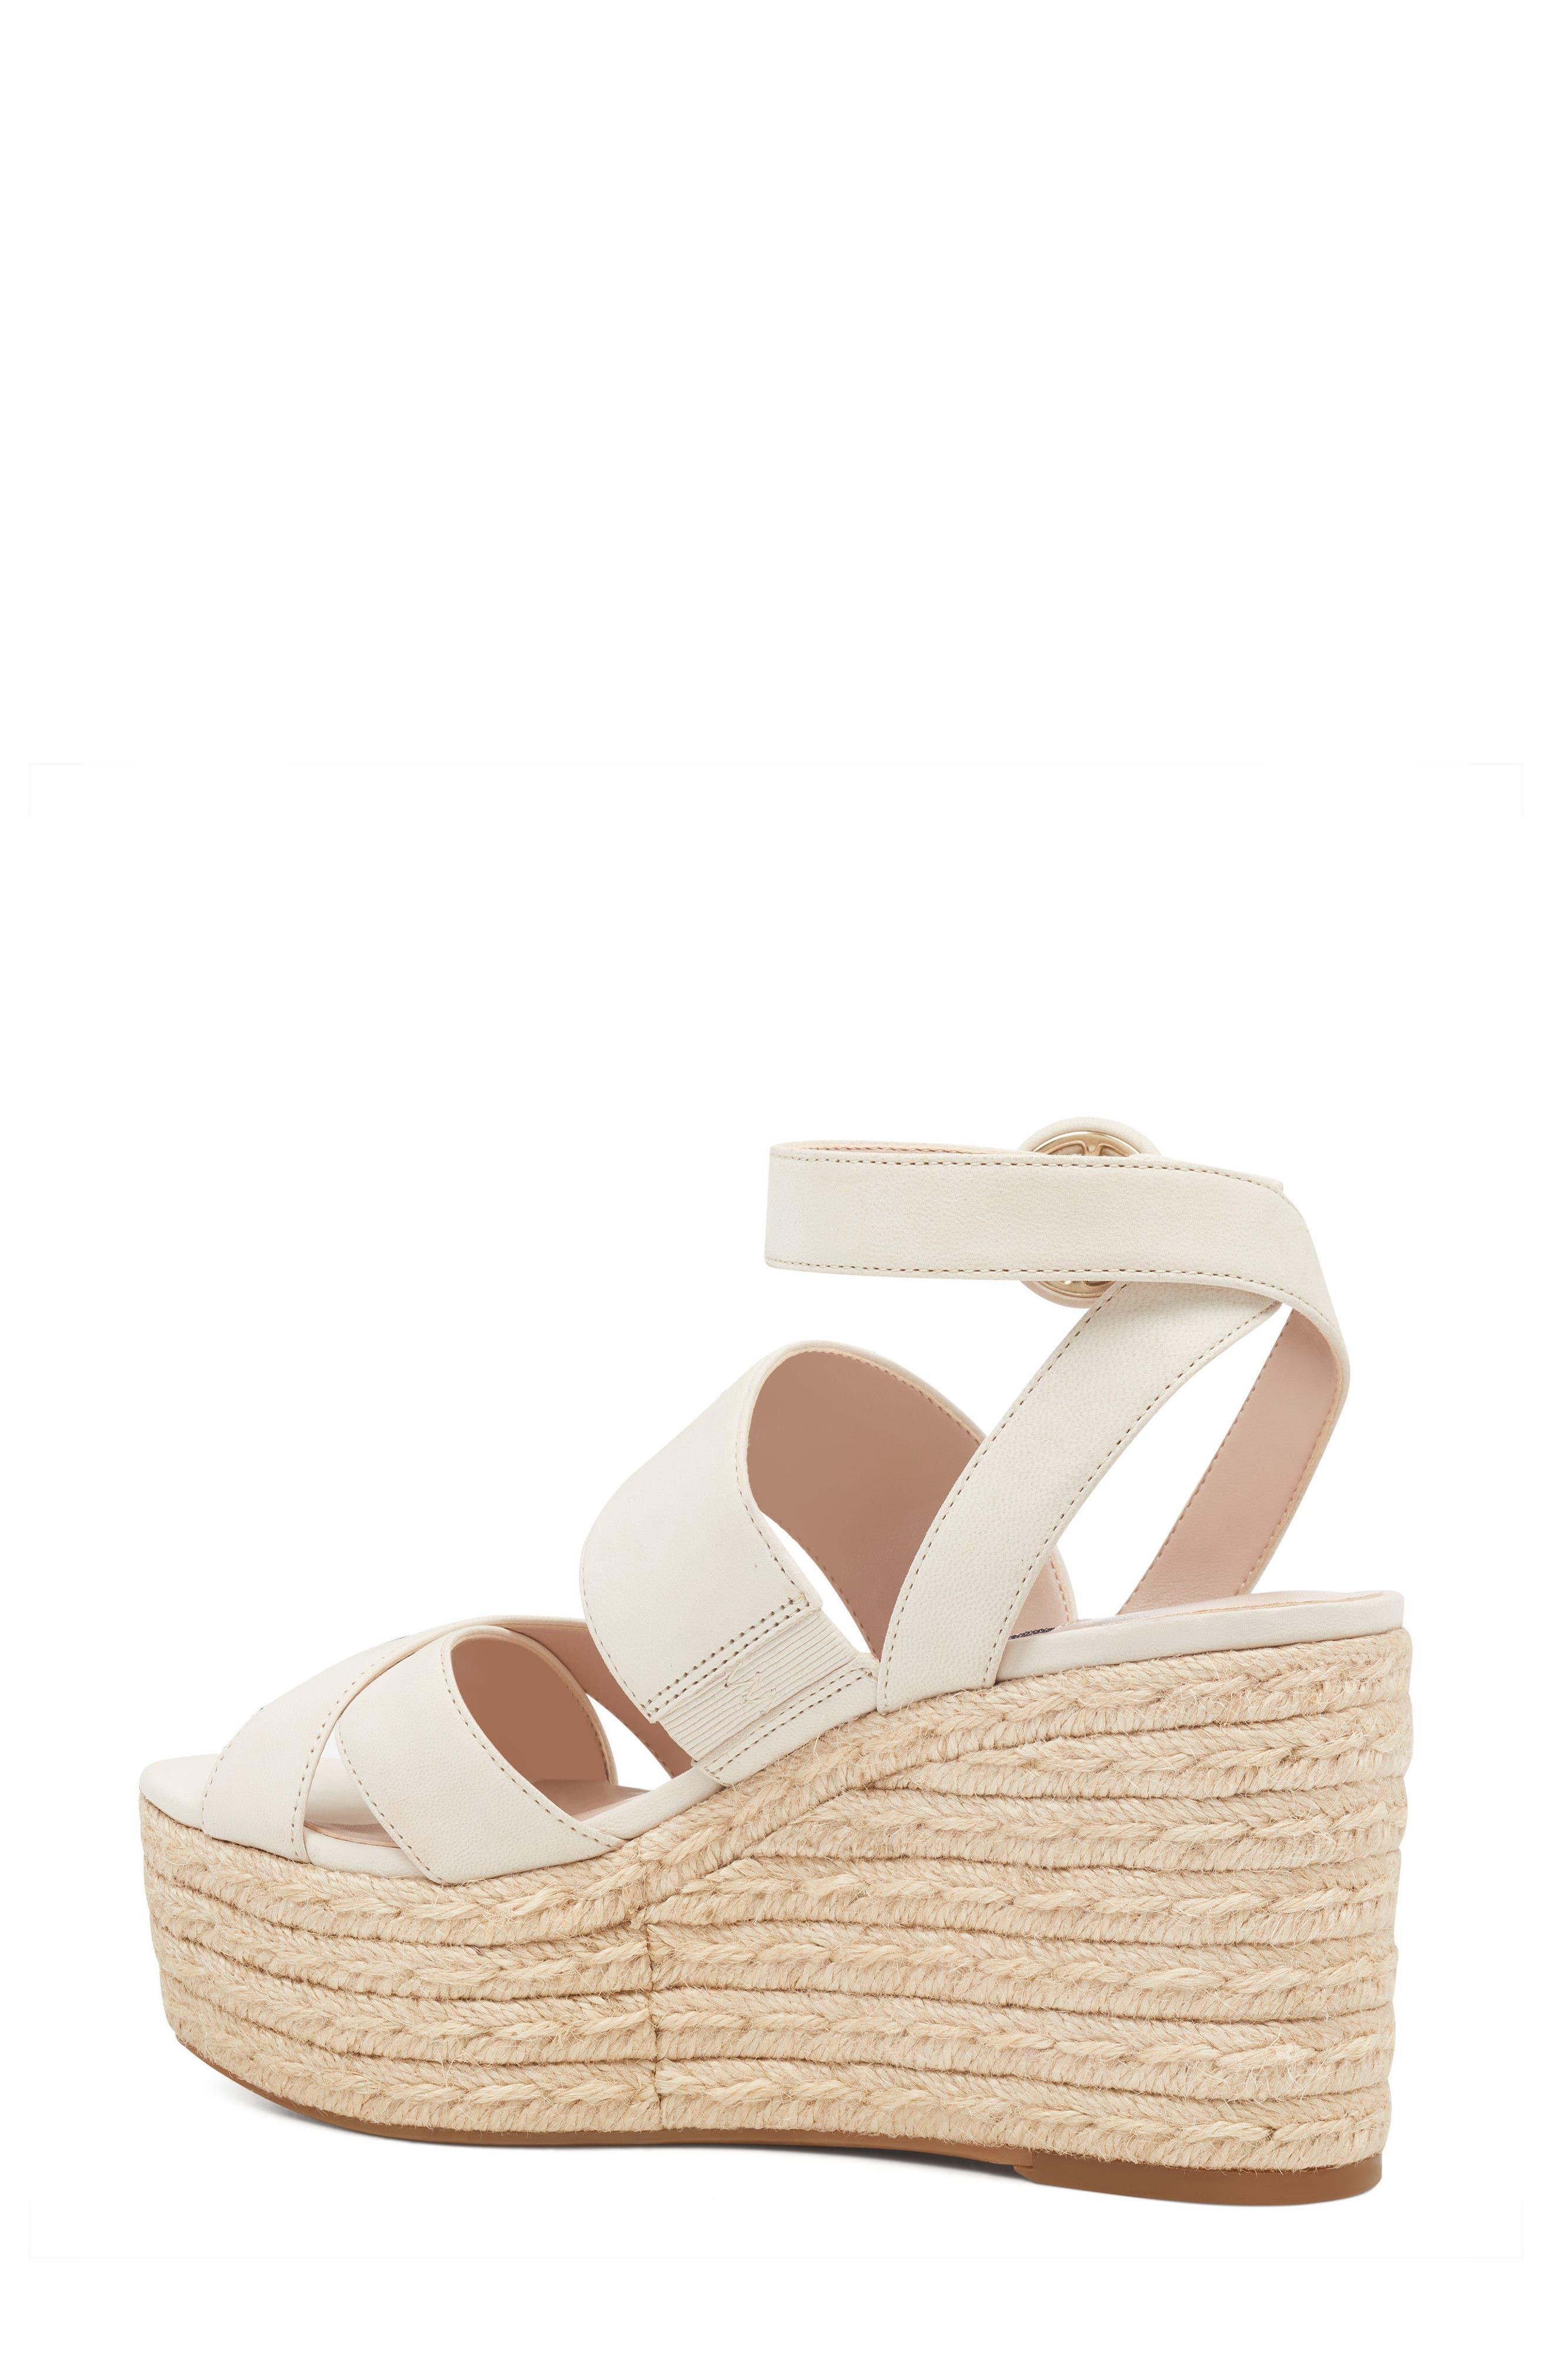 Kushala Espadrille Platform Wedge Sandal,                             Alternate thumbnail 2, color,                             OFF WHITE LEATHER